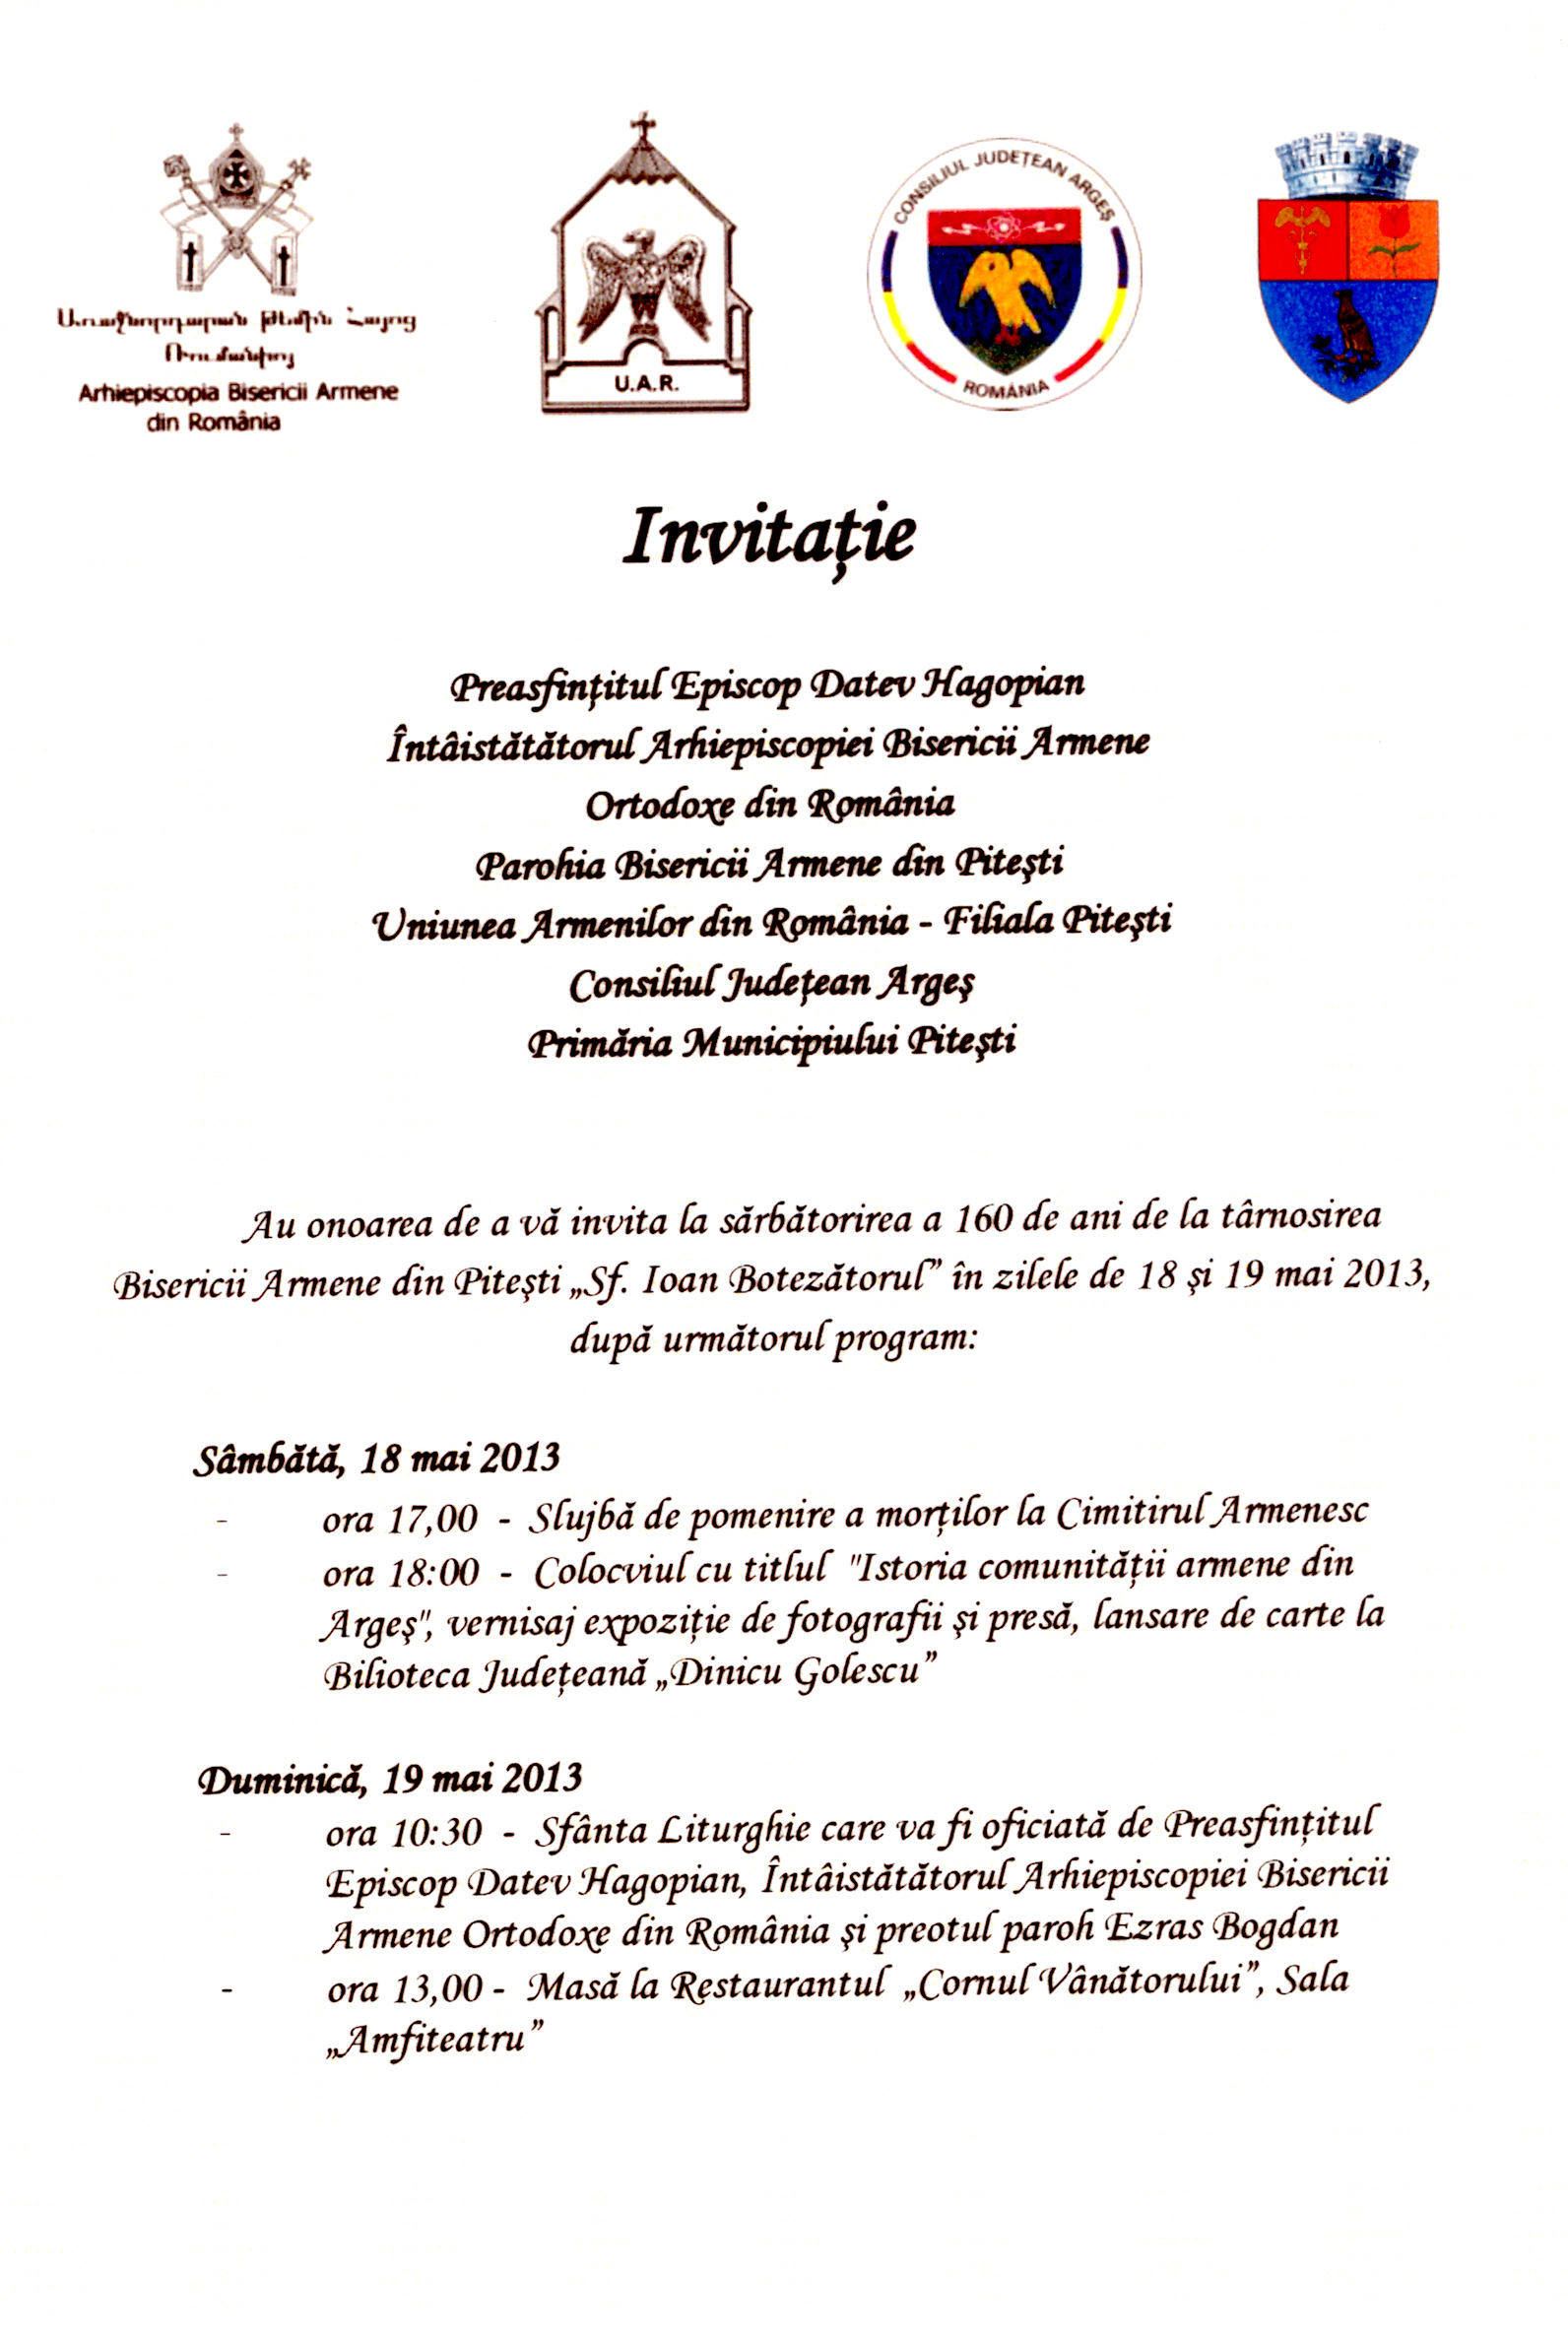 invitatie1-2